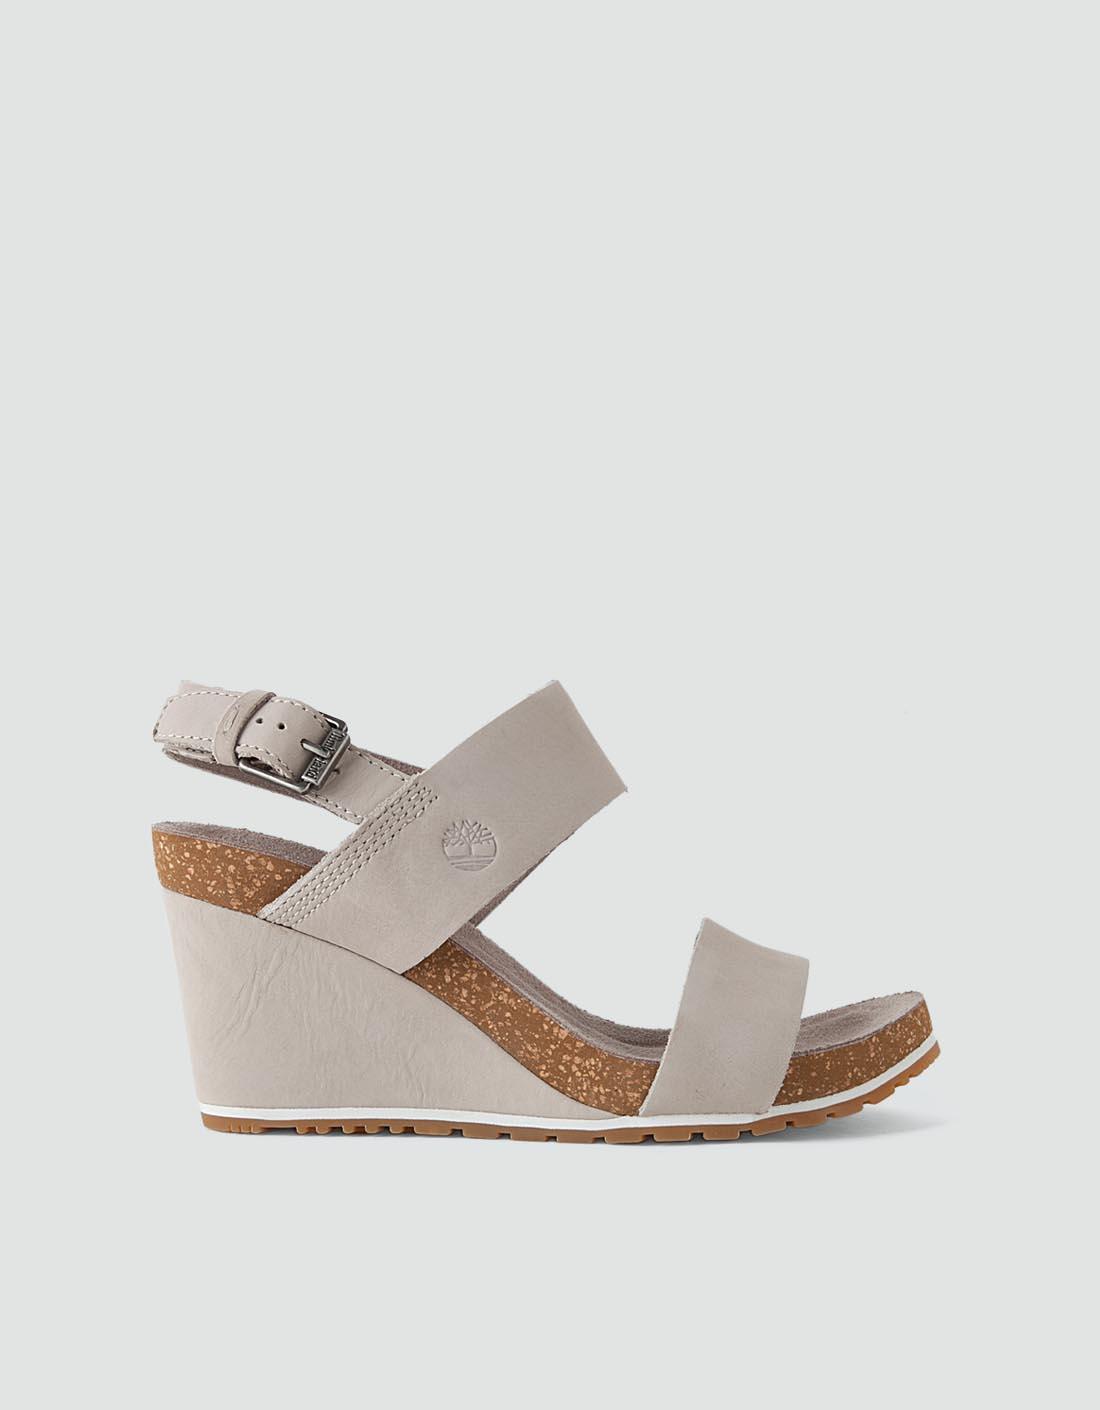 Schuhe Mit Von Empfohlen Timberland Sandalen Keilabsatz Deinen Damen USzVpqGML